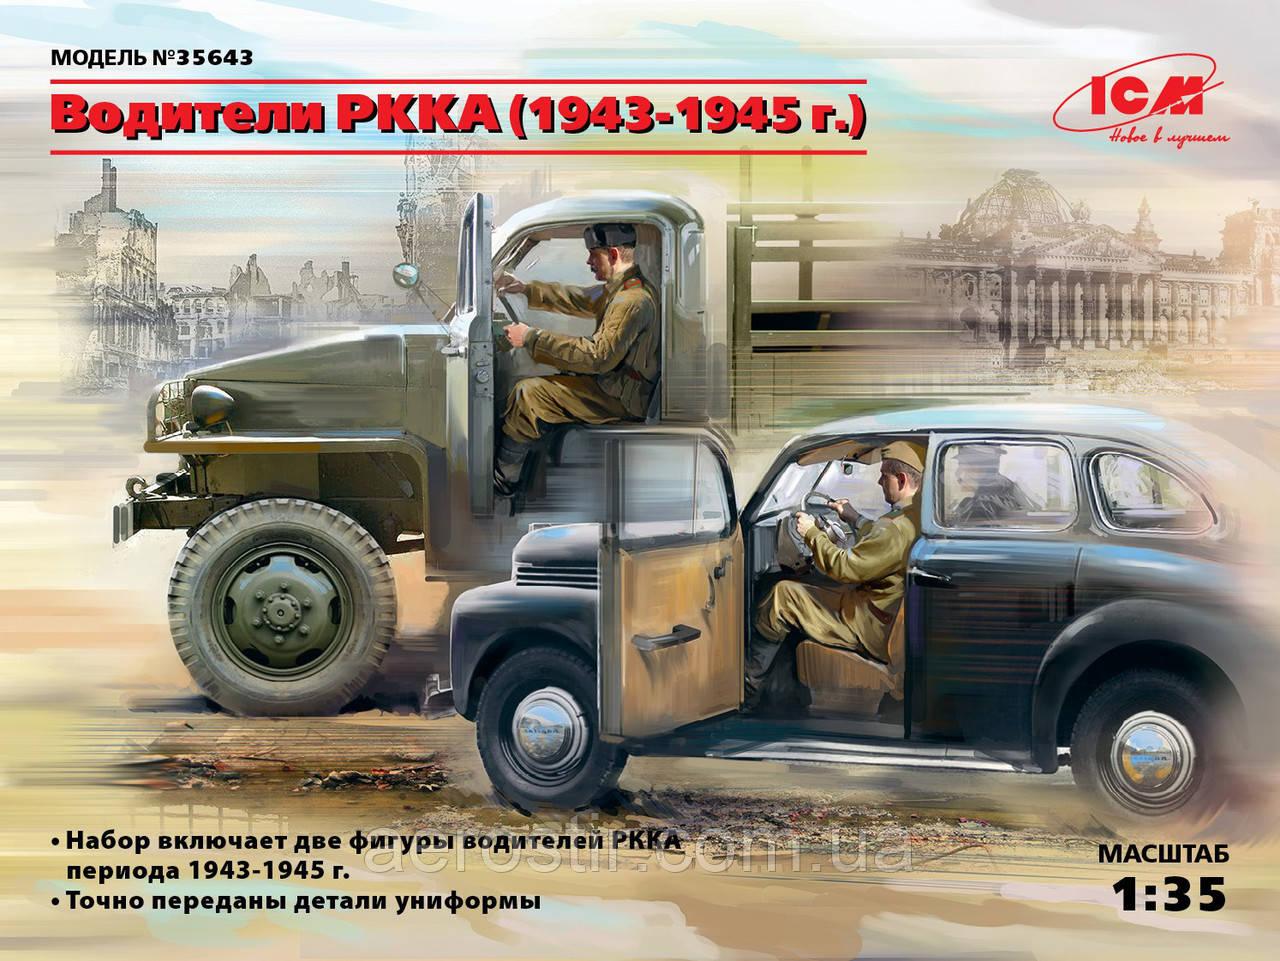 Водители РККА (1943-1945 г.) 1/35 ICM 35643